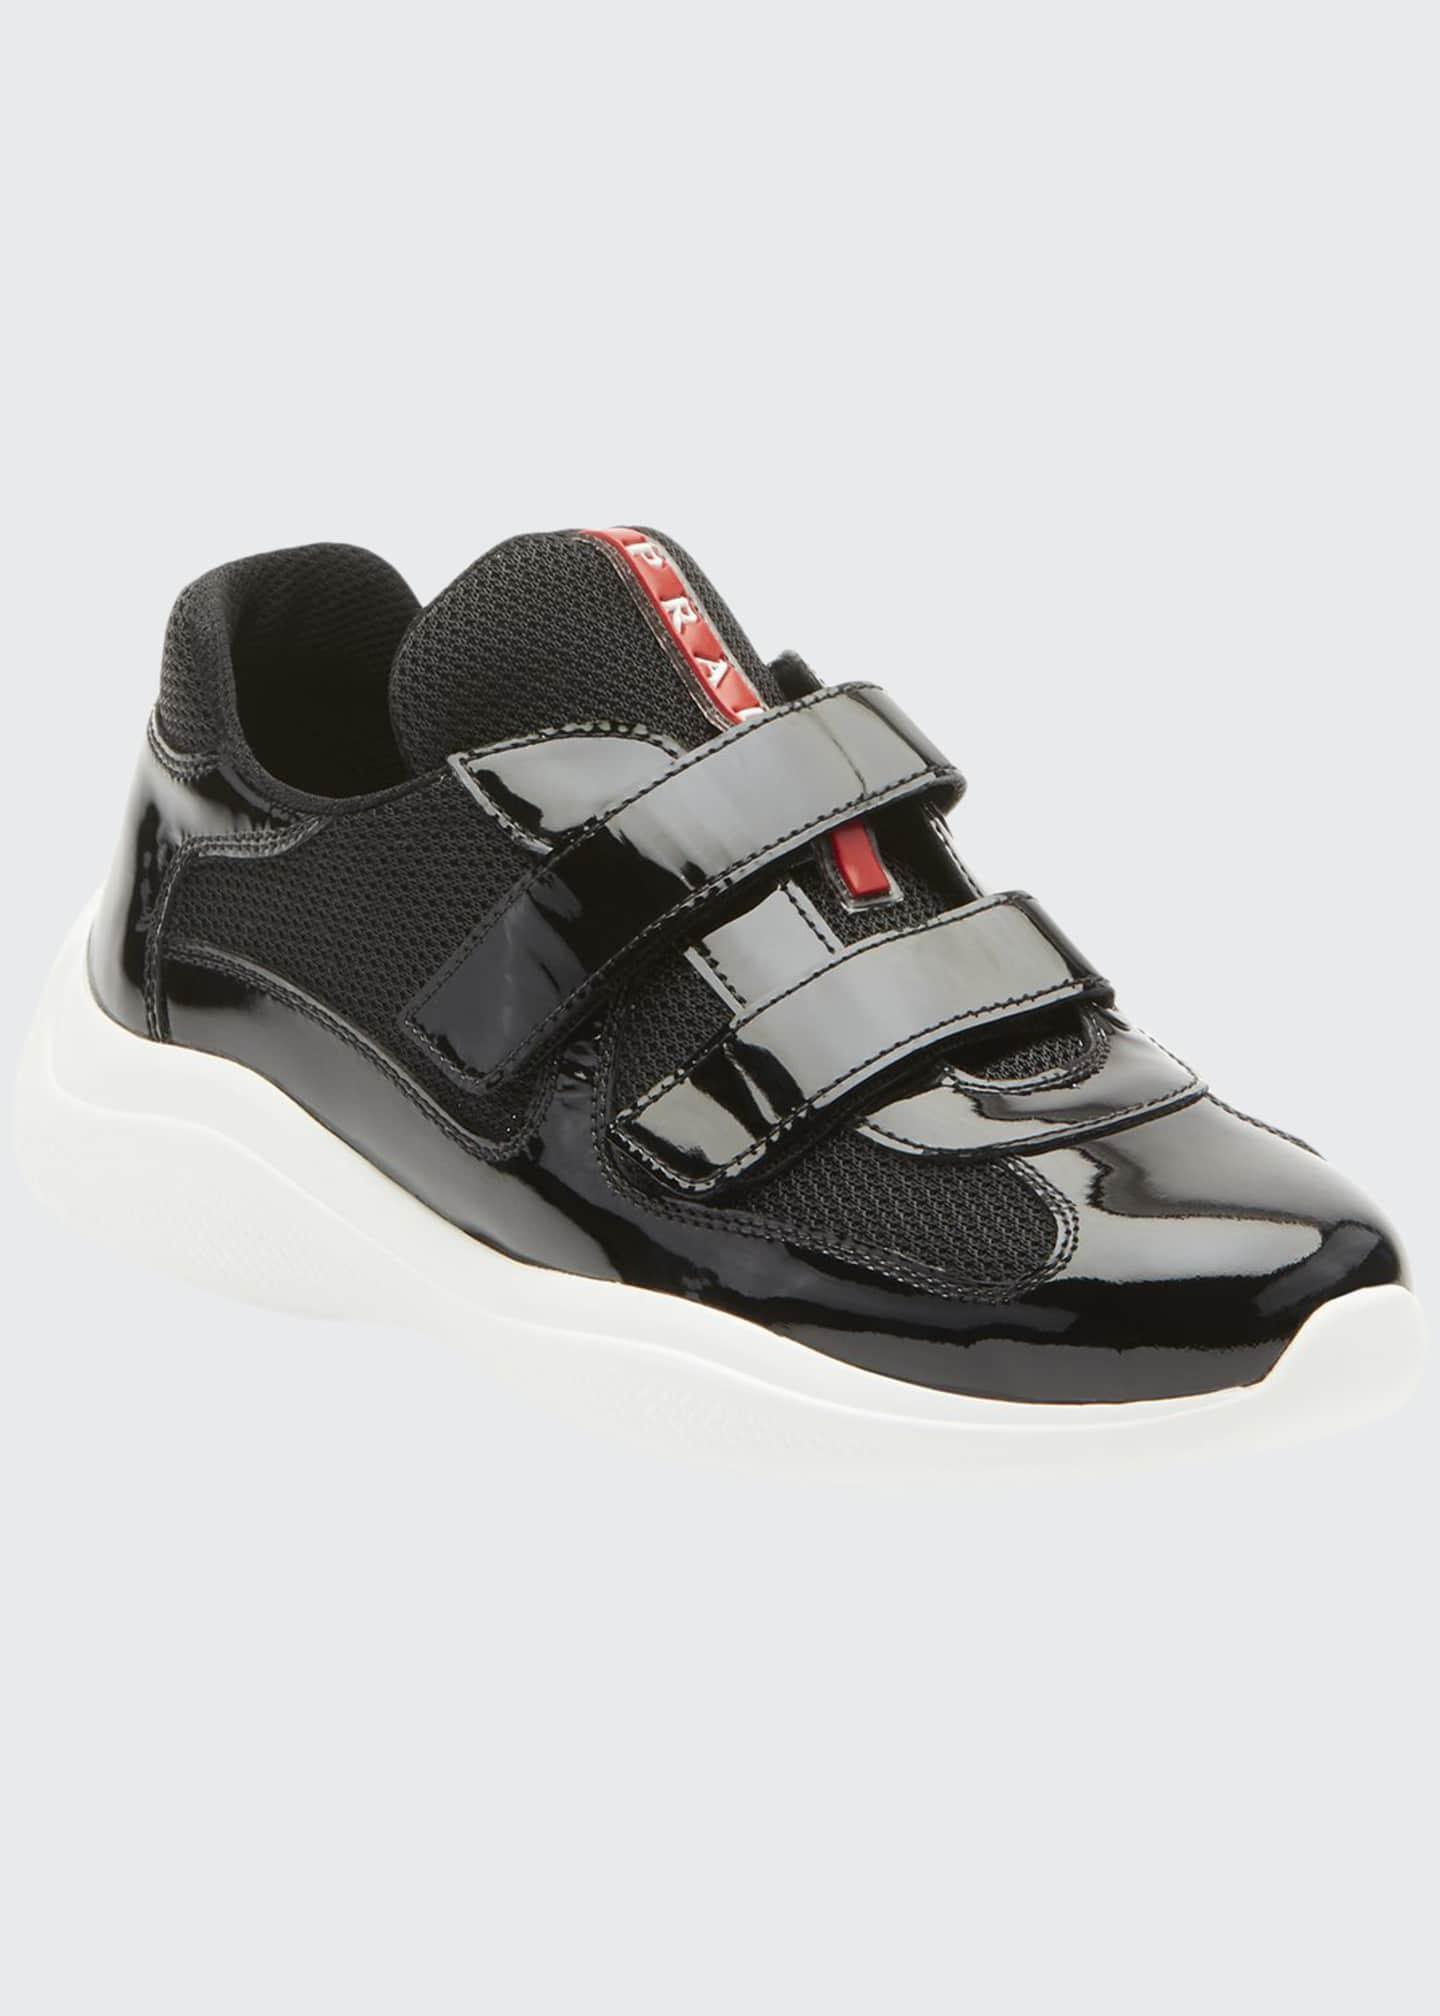 Prada Barca Mesh/Patent Grip Sneakers